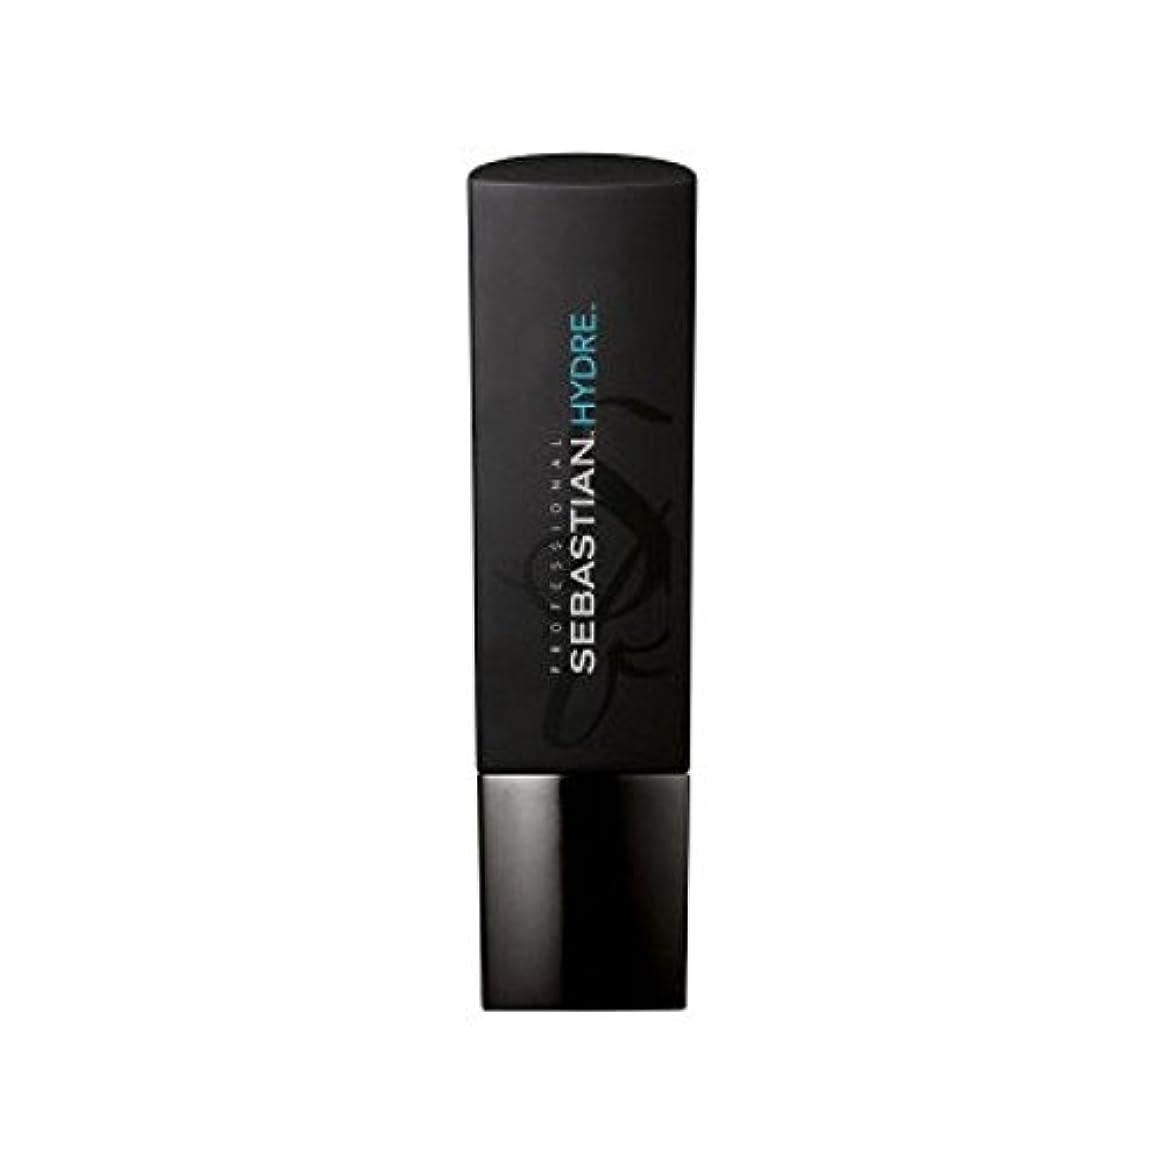 コンベンションチャート忠誠セバスチャンプロシャンプー(250ミリリットル) x2 - Sebastian Professional Hydre Shampoo (250ml) (Pack of 2) [並行輸入品]